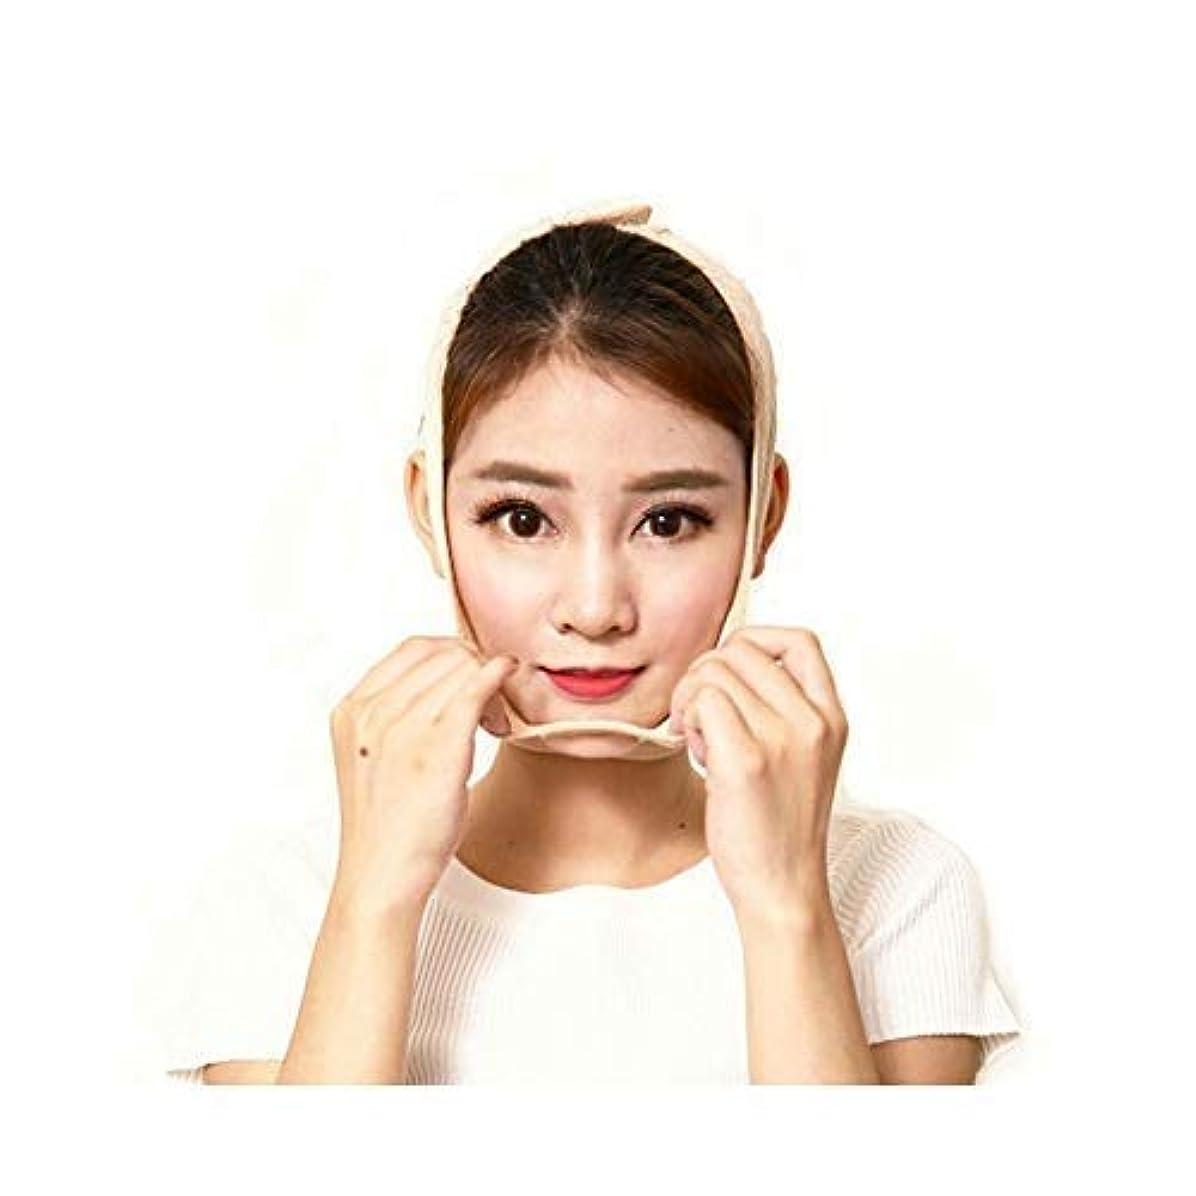 無限大クラシカル女の子引き締めマスク薄い顔アーティファクト包帯美容フードリフト引き締めマスクにダブルあごLスモールVフェイスマッサージフェイスリフトフェイシャル